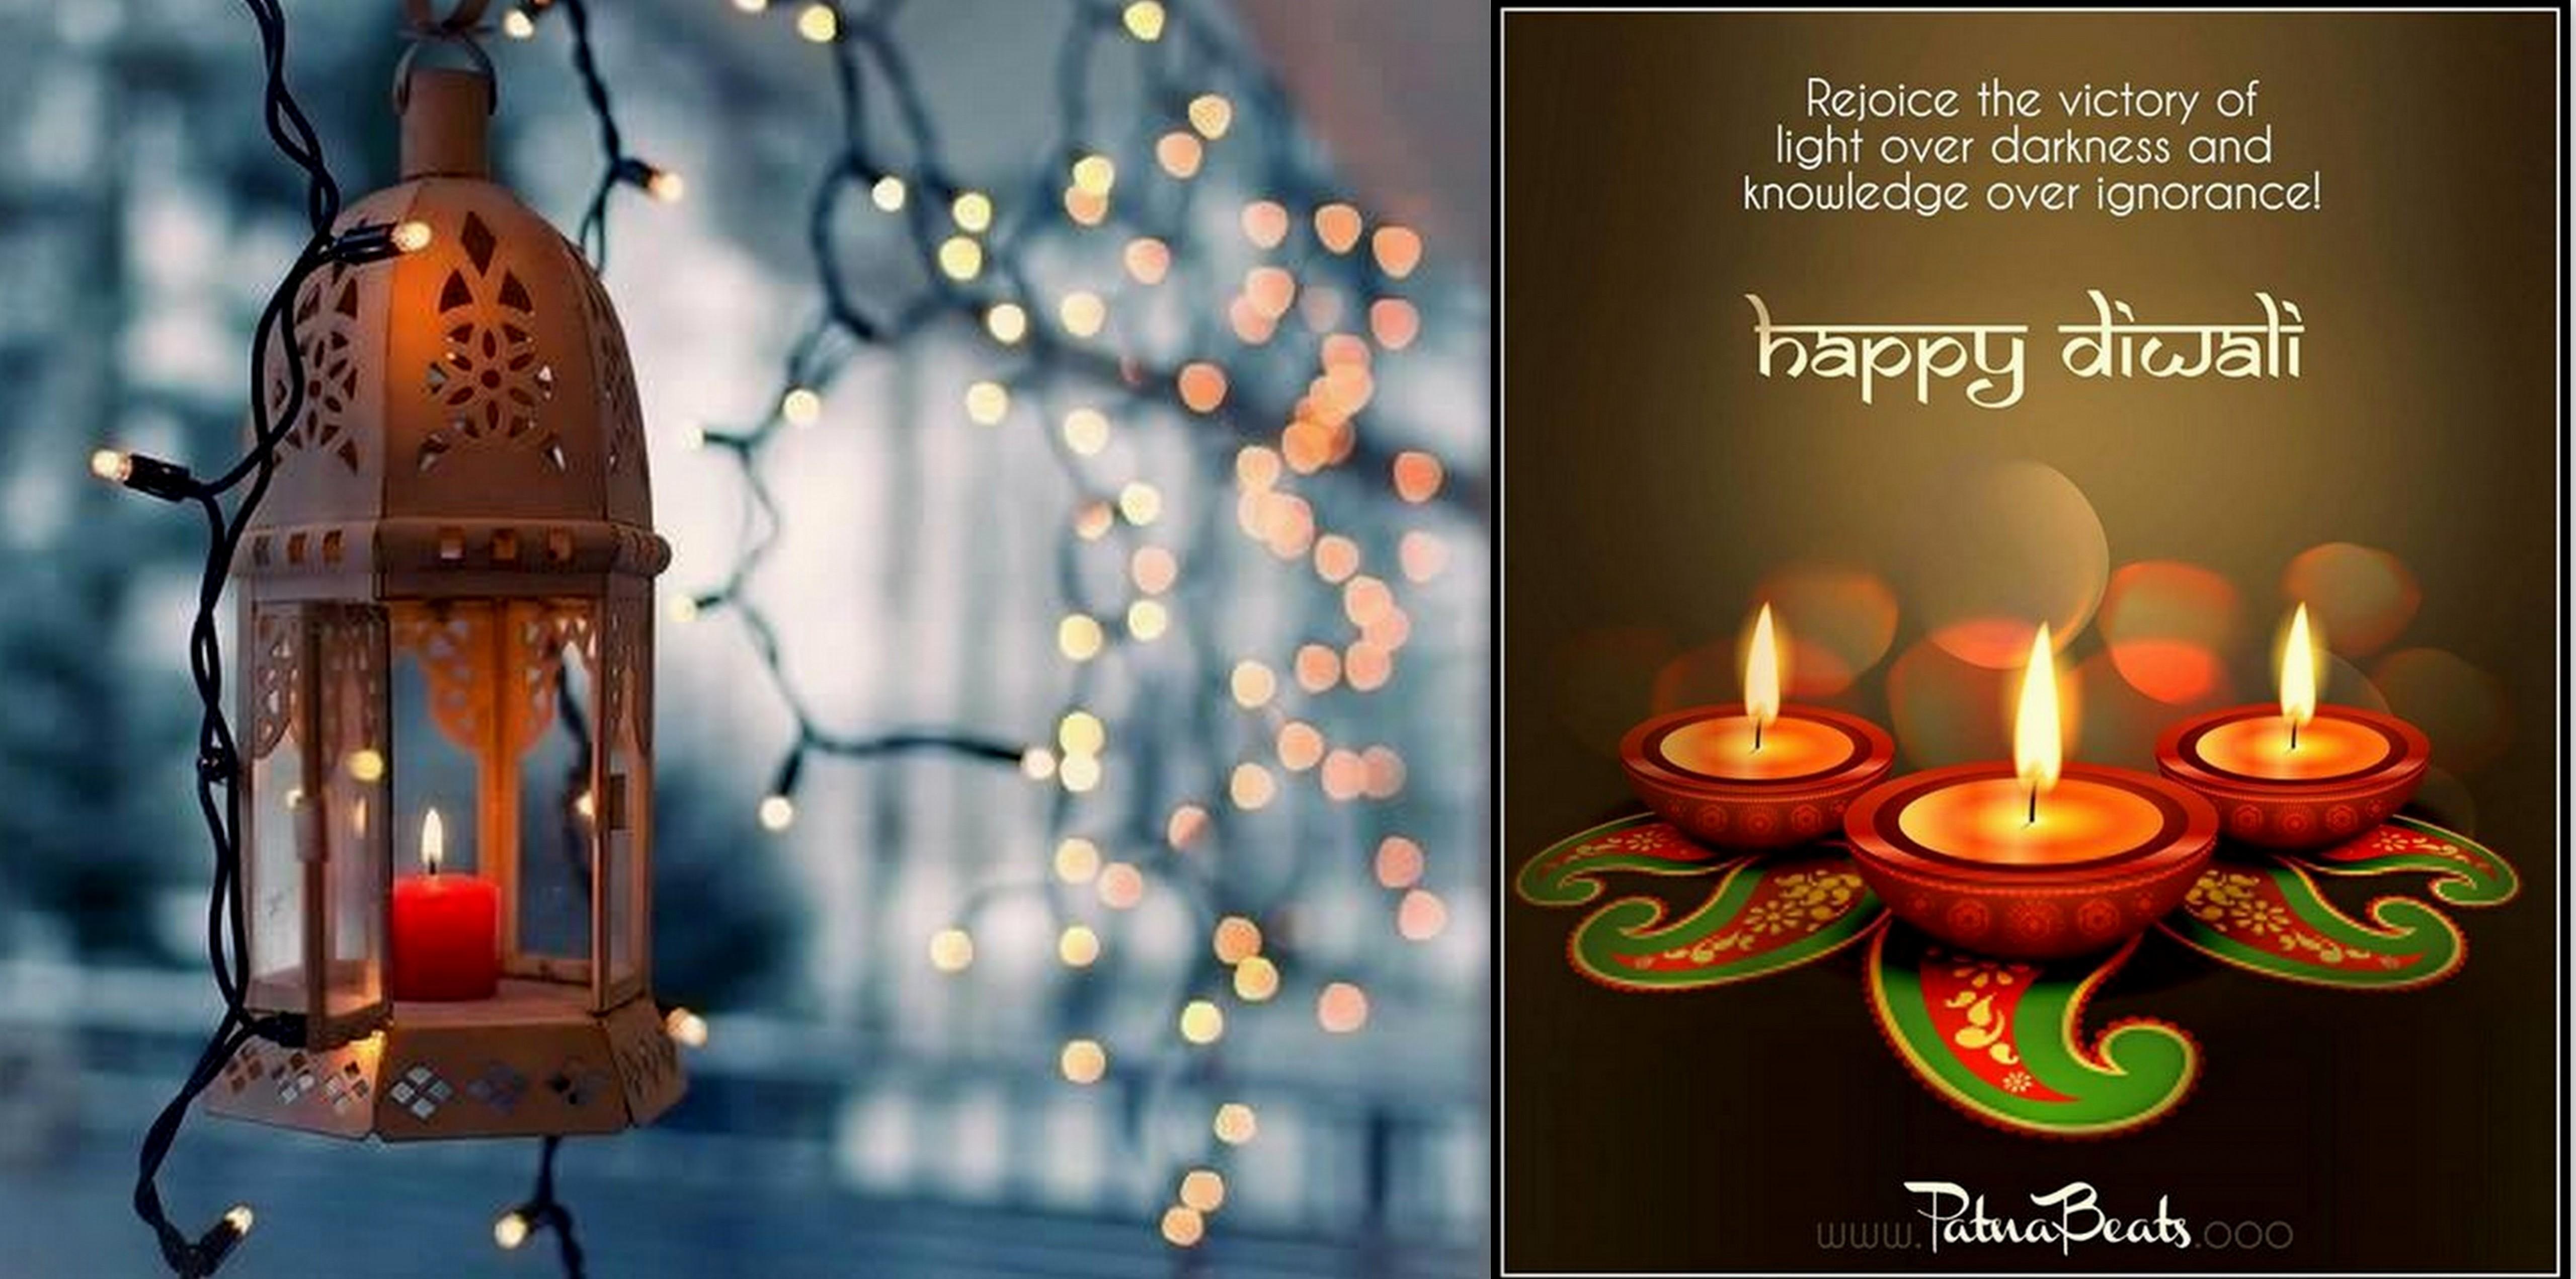 Diwali -It's a memory fiesta.